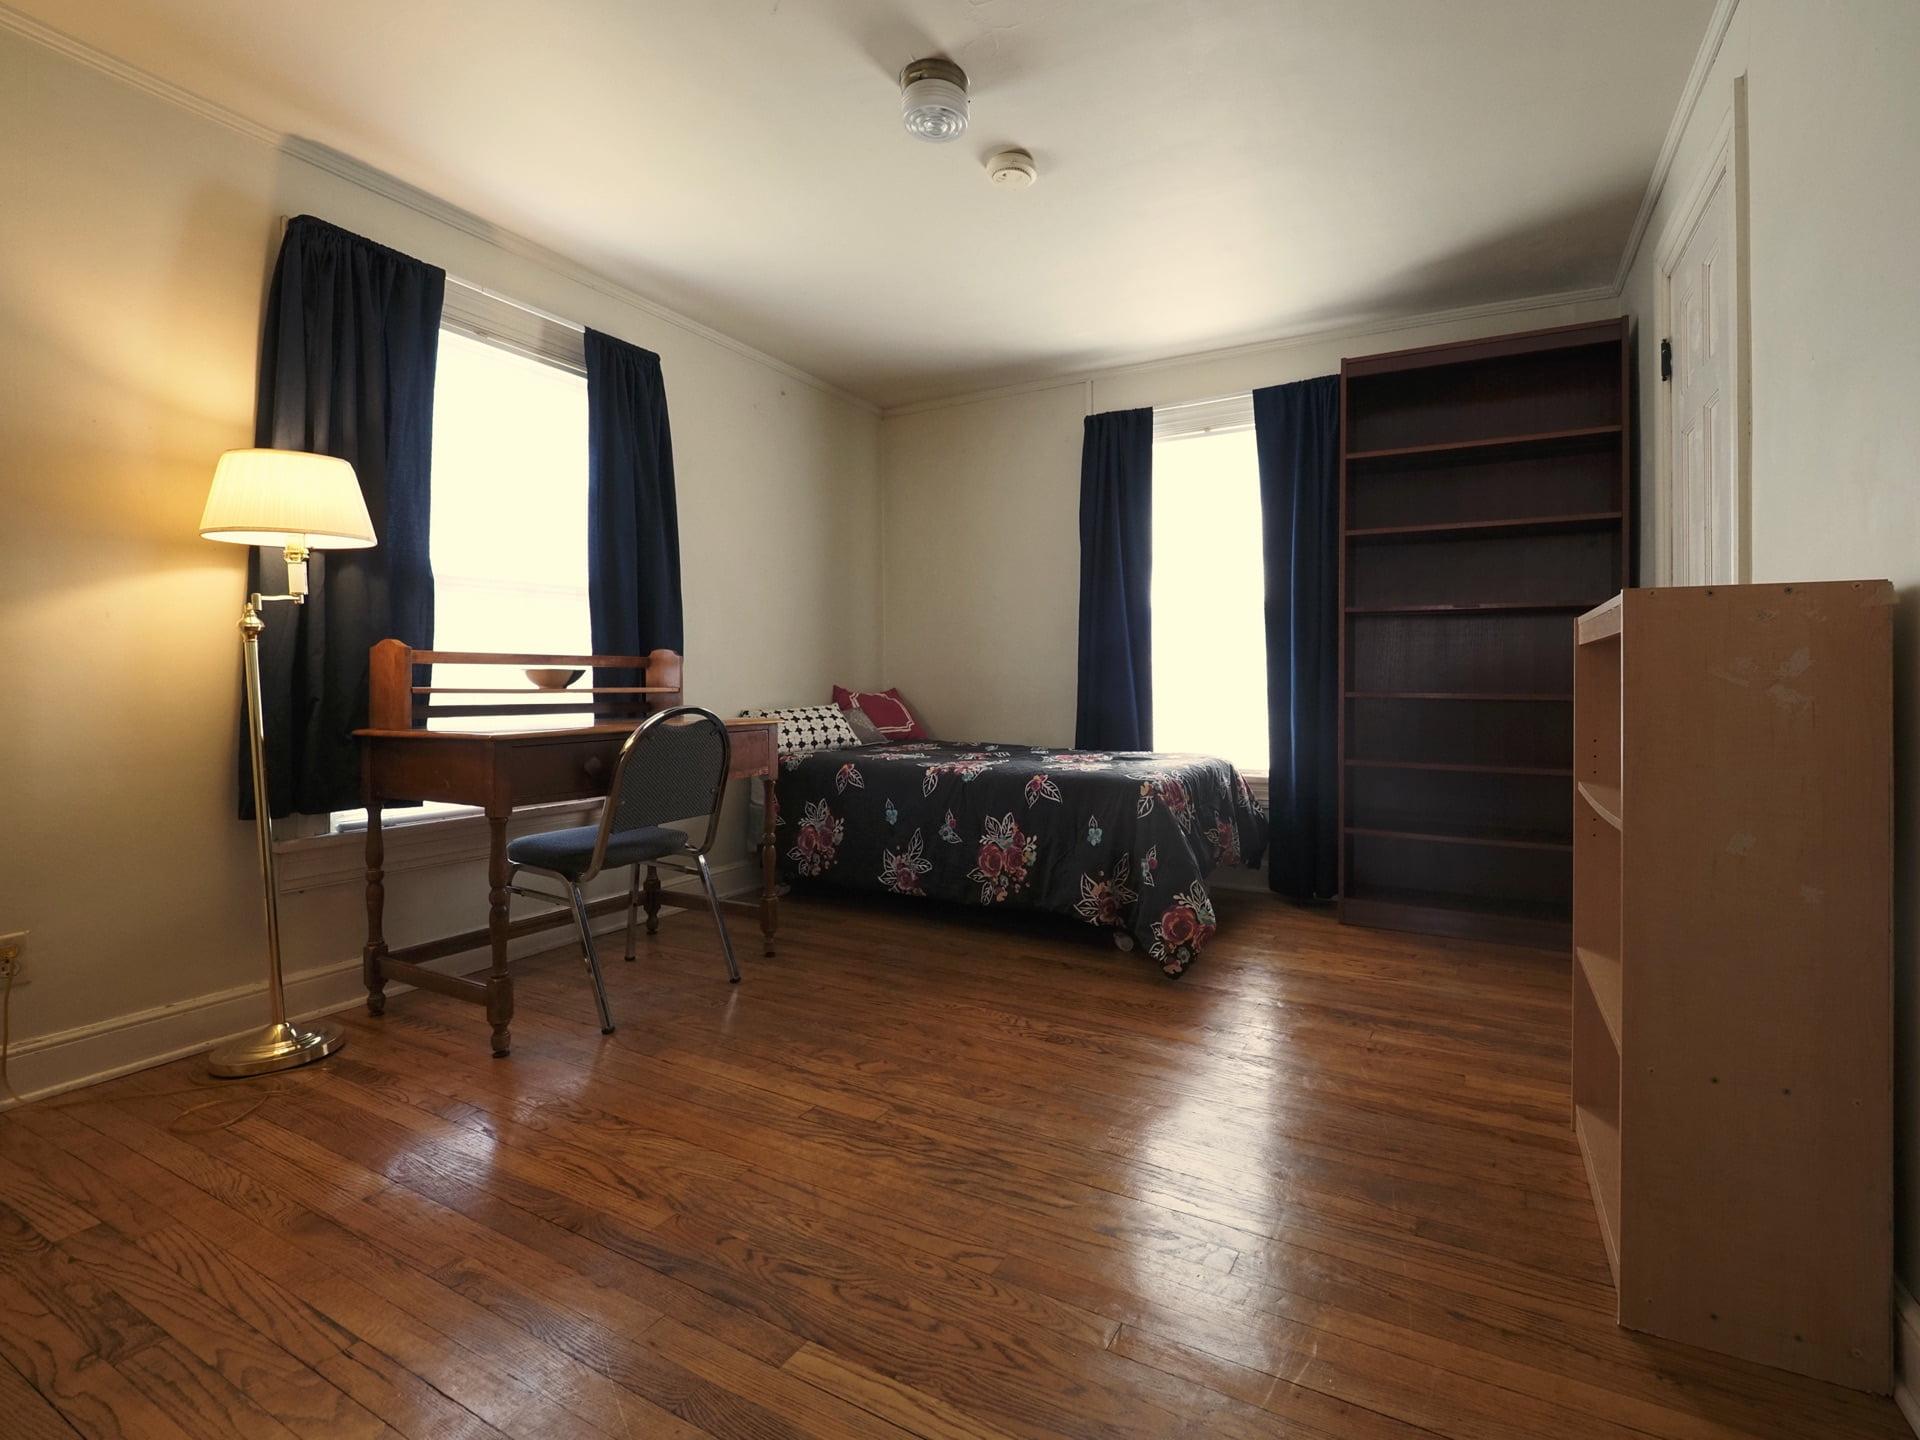 326 Room 22